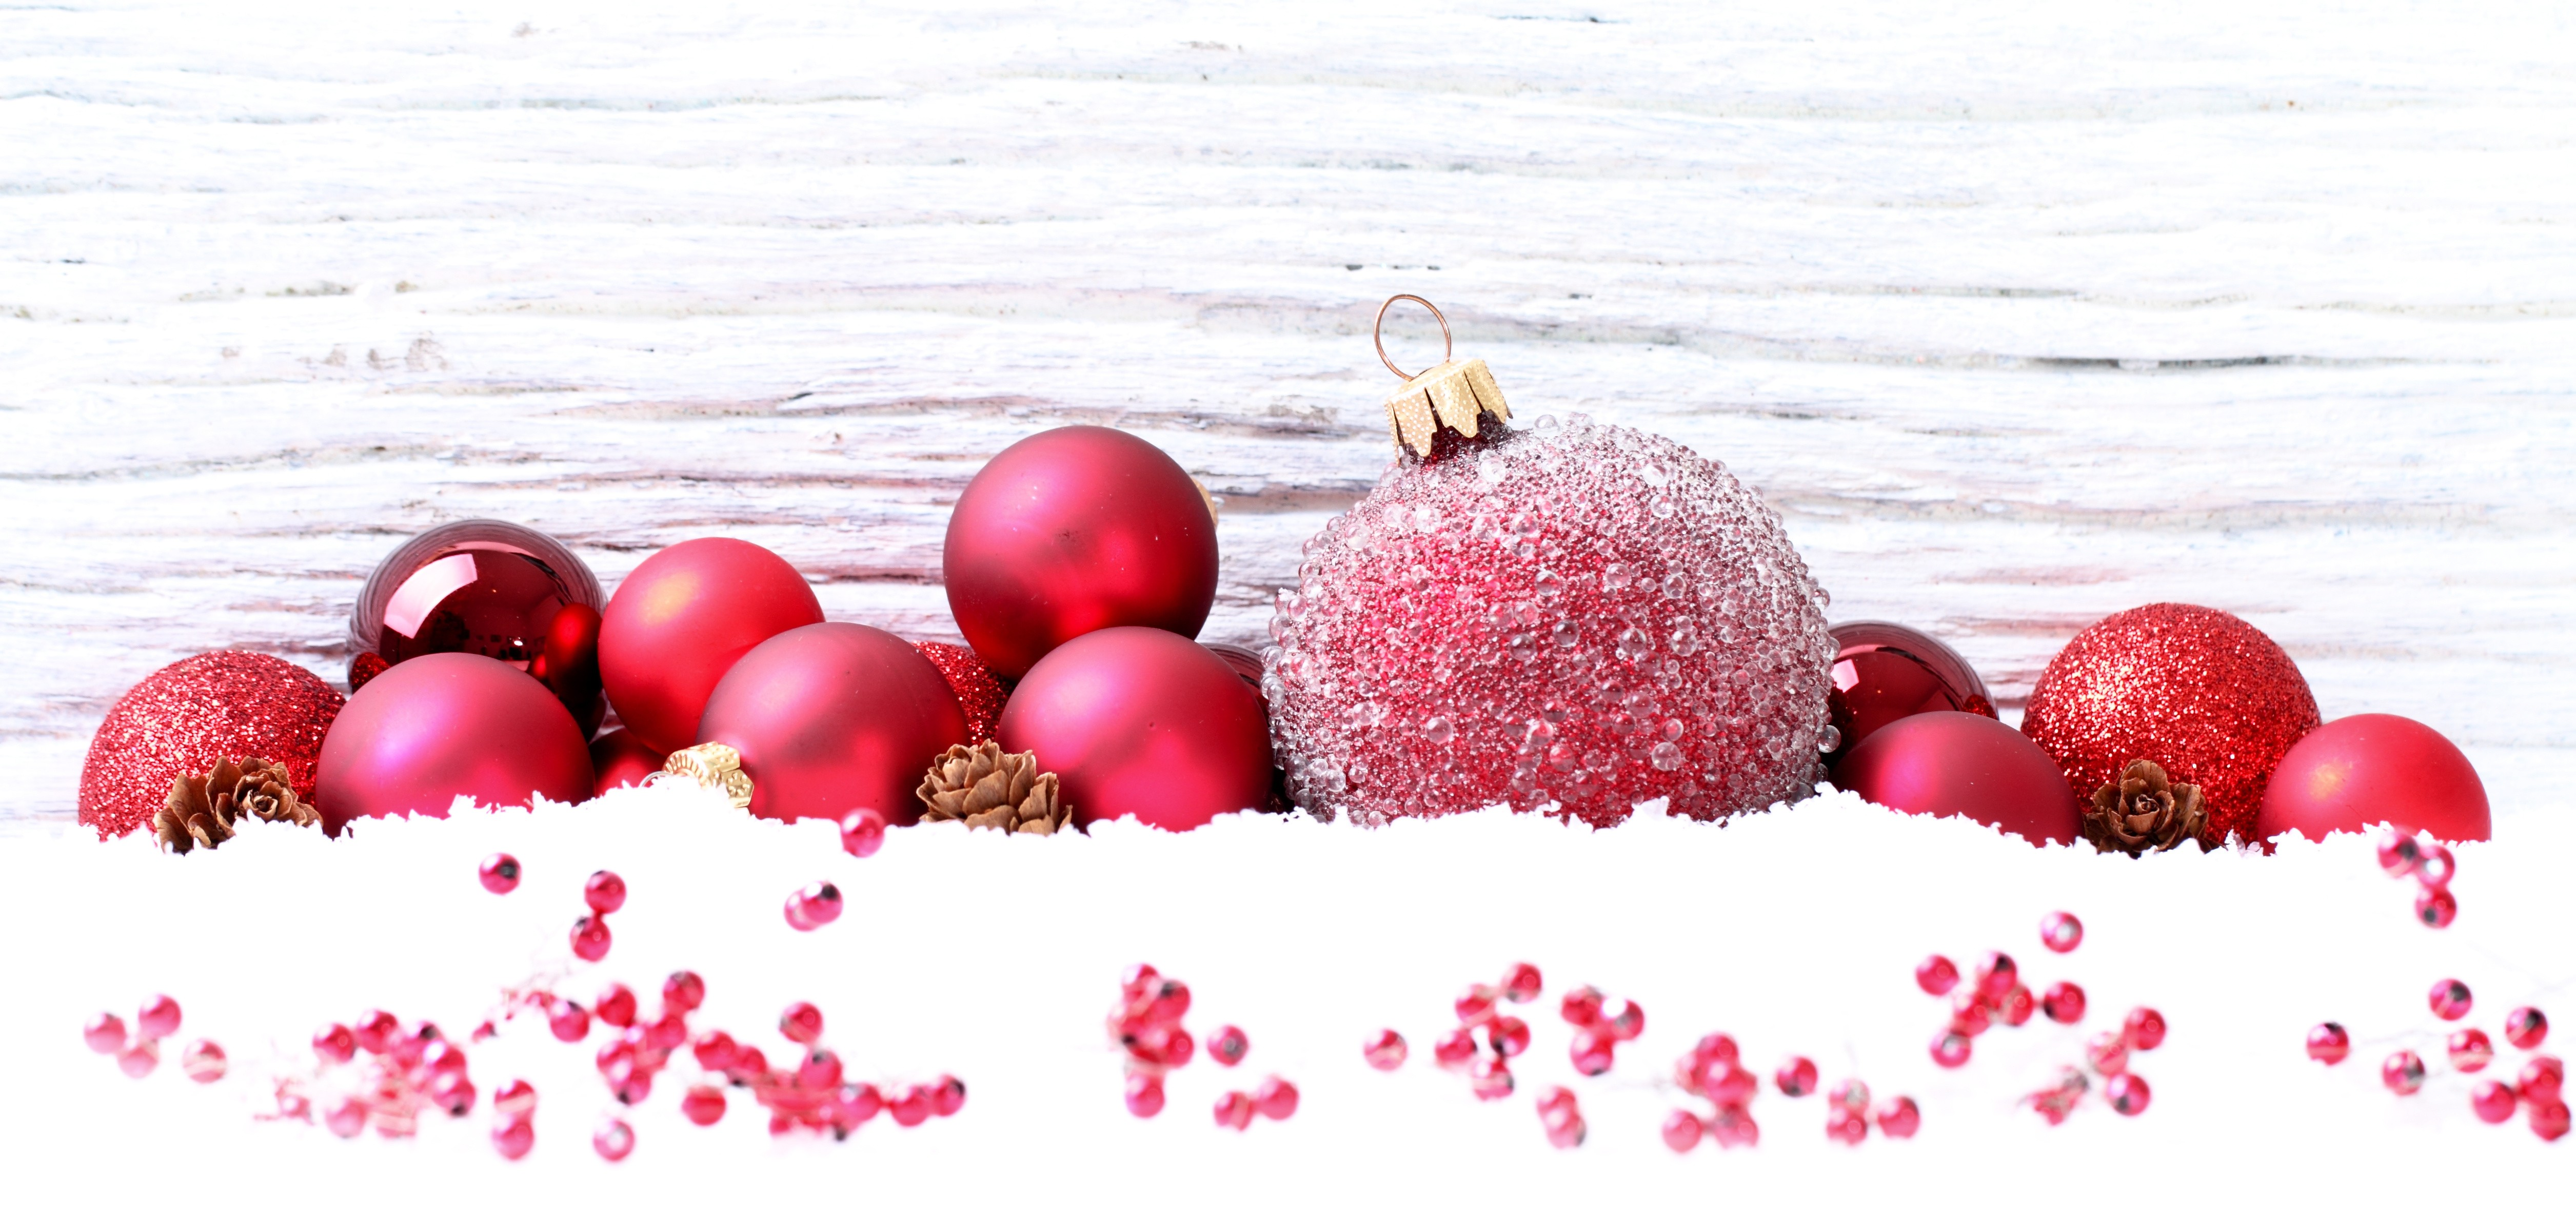 Alles Gute Zum Weihnachten.Gesegnete Weihnachten Sowie Alles Gute Fur Das Neue Jahr